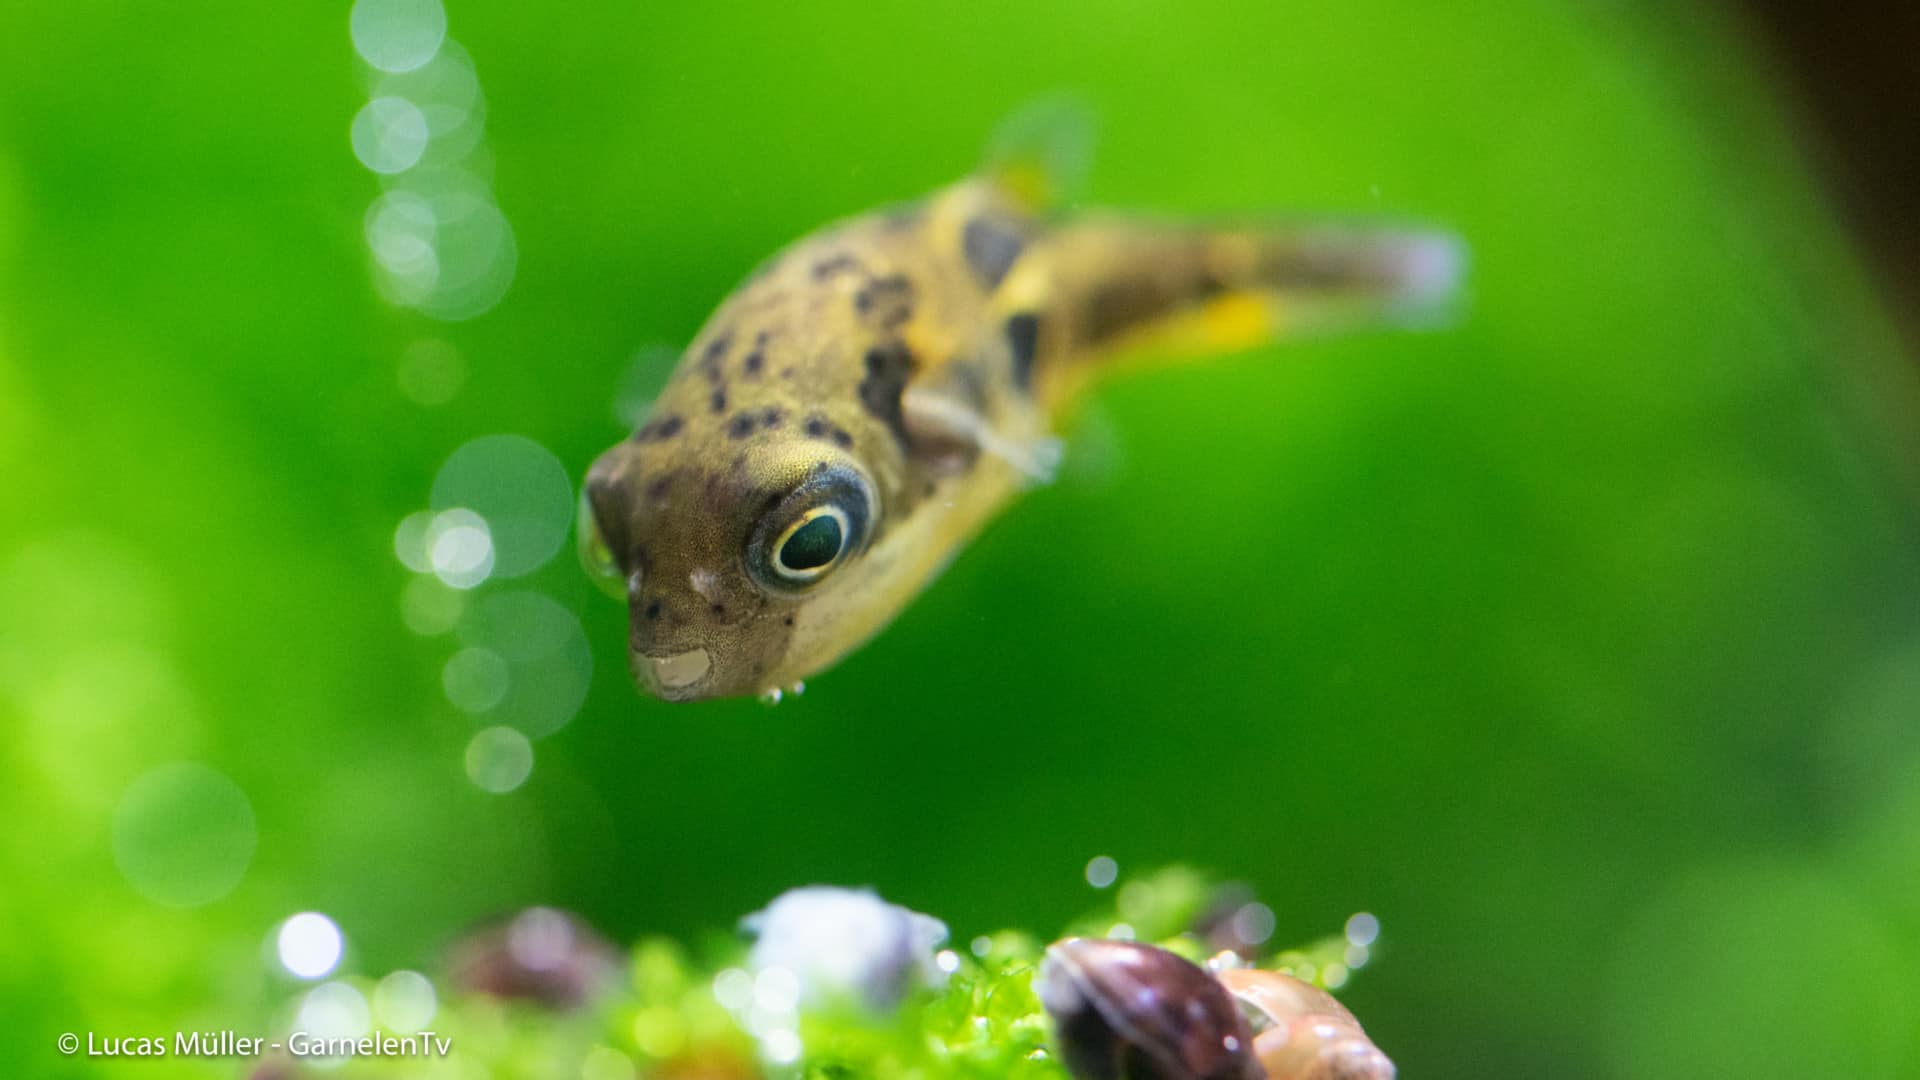 239: Der Erbsenkugelfisch – Alles über die Haltung und Pflege von Carinotetraodon travancoricus (Pascal Gräber) 4